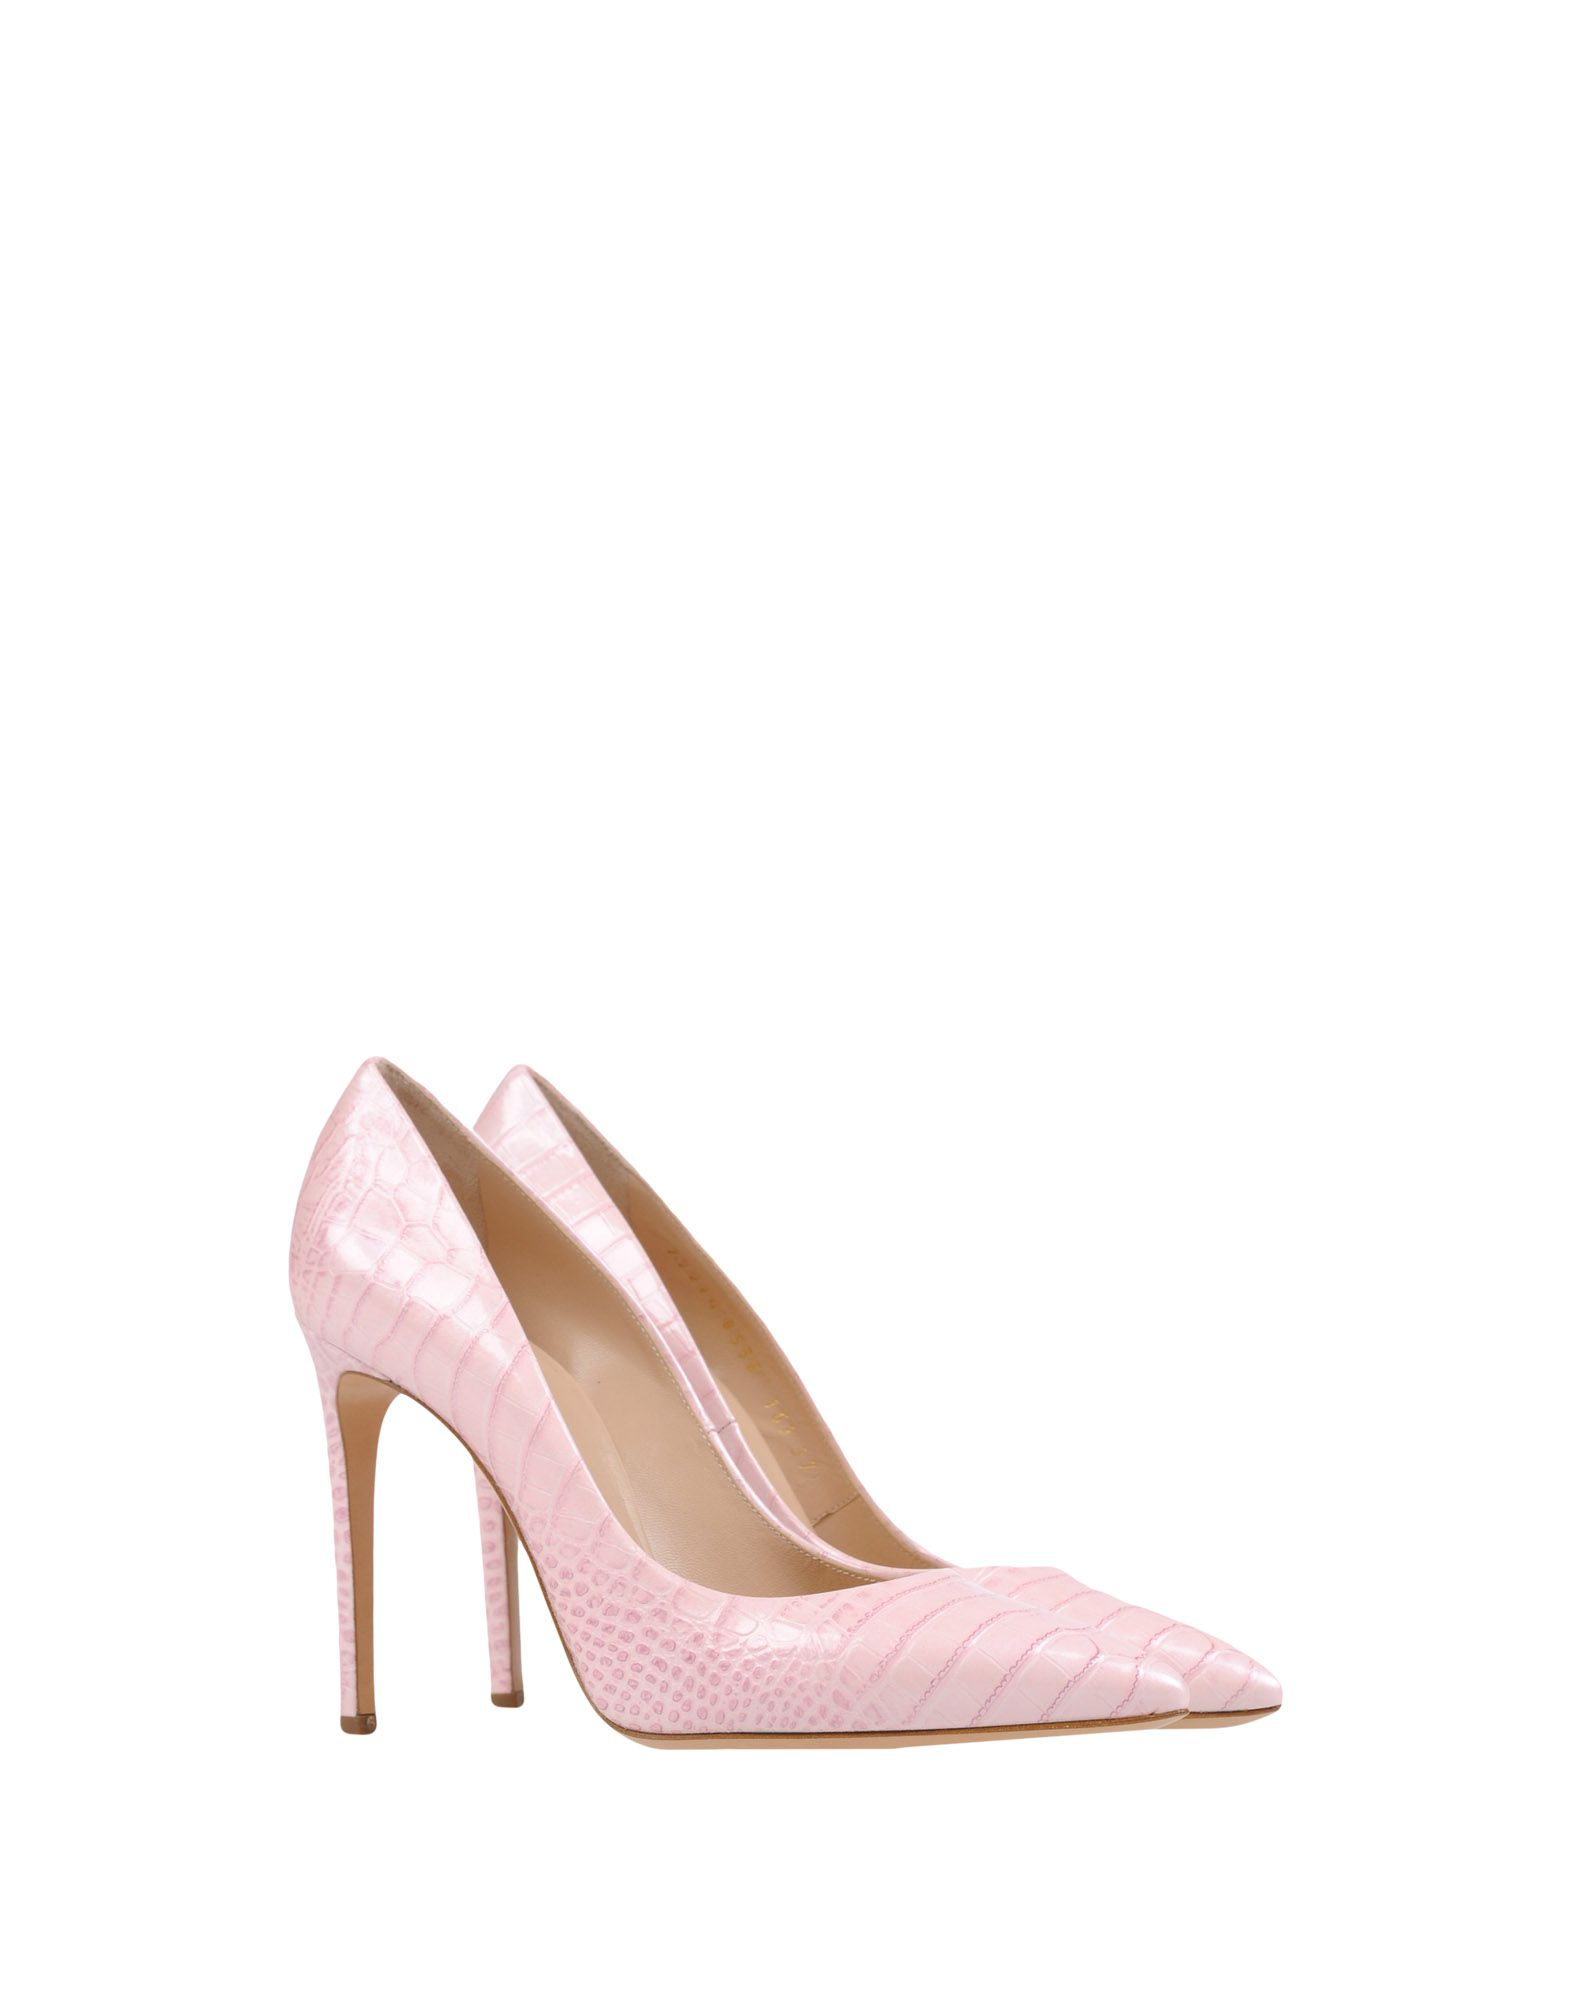 Rabatt Schuhe Casadei Damen Pumps Damen Casadei  11185356BD 543094